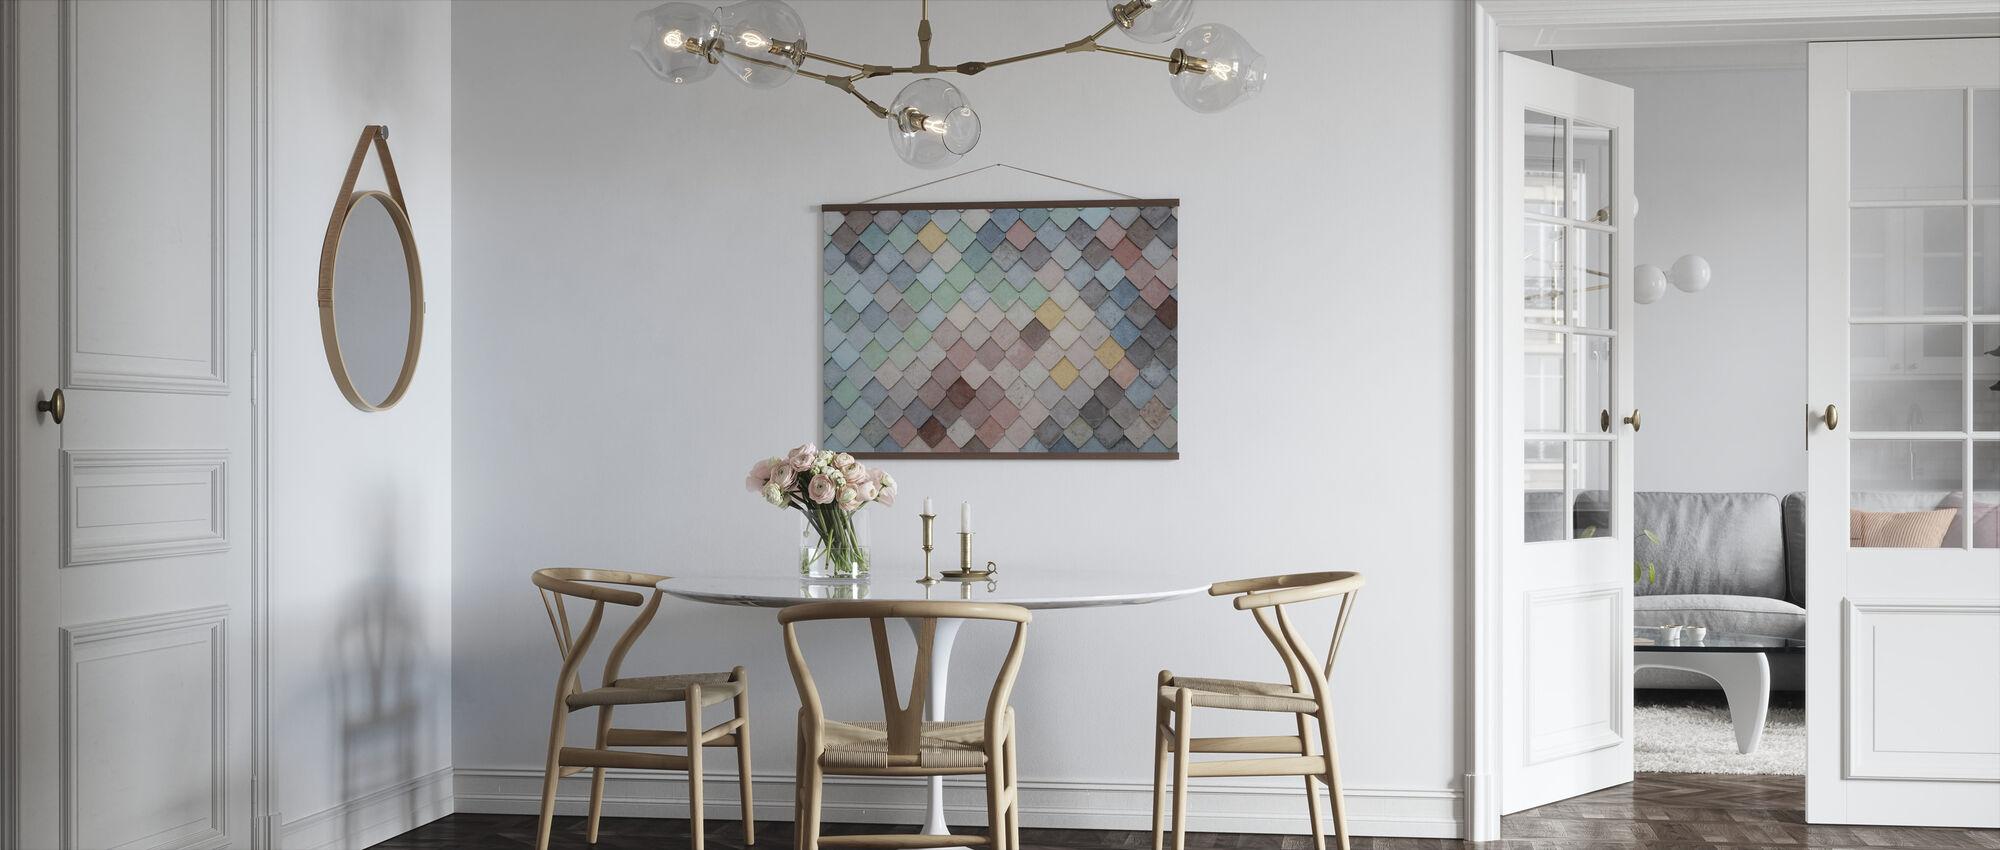 Tegel Patroon - Poster - Keuken